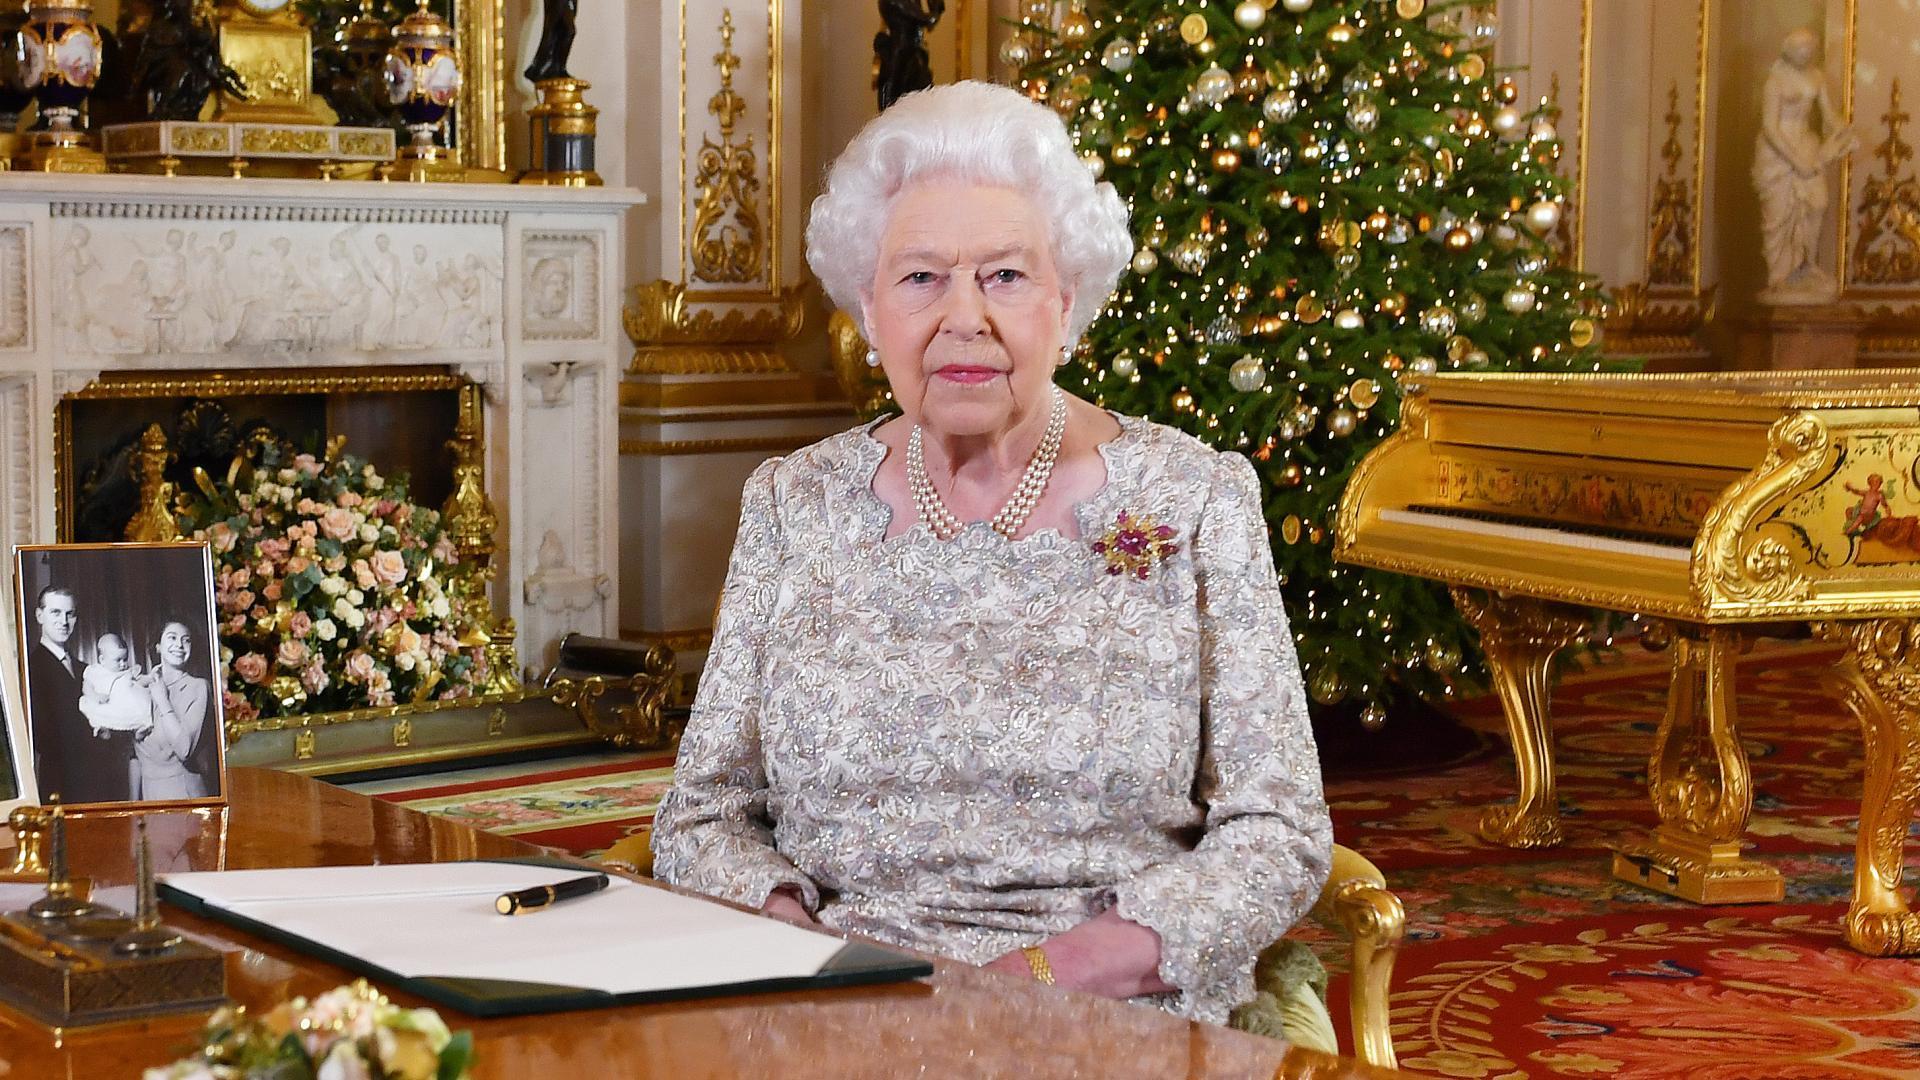 تدخل الملكة إليزابيث بسياسة بريطانيا لا يحدث كثيرا.. والسبب؟